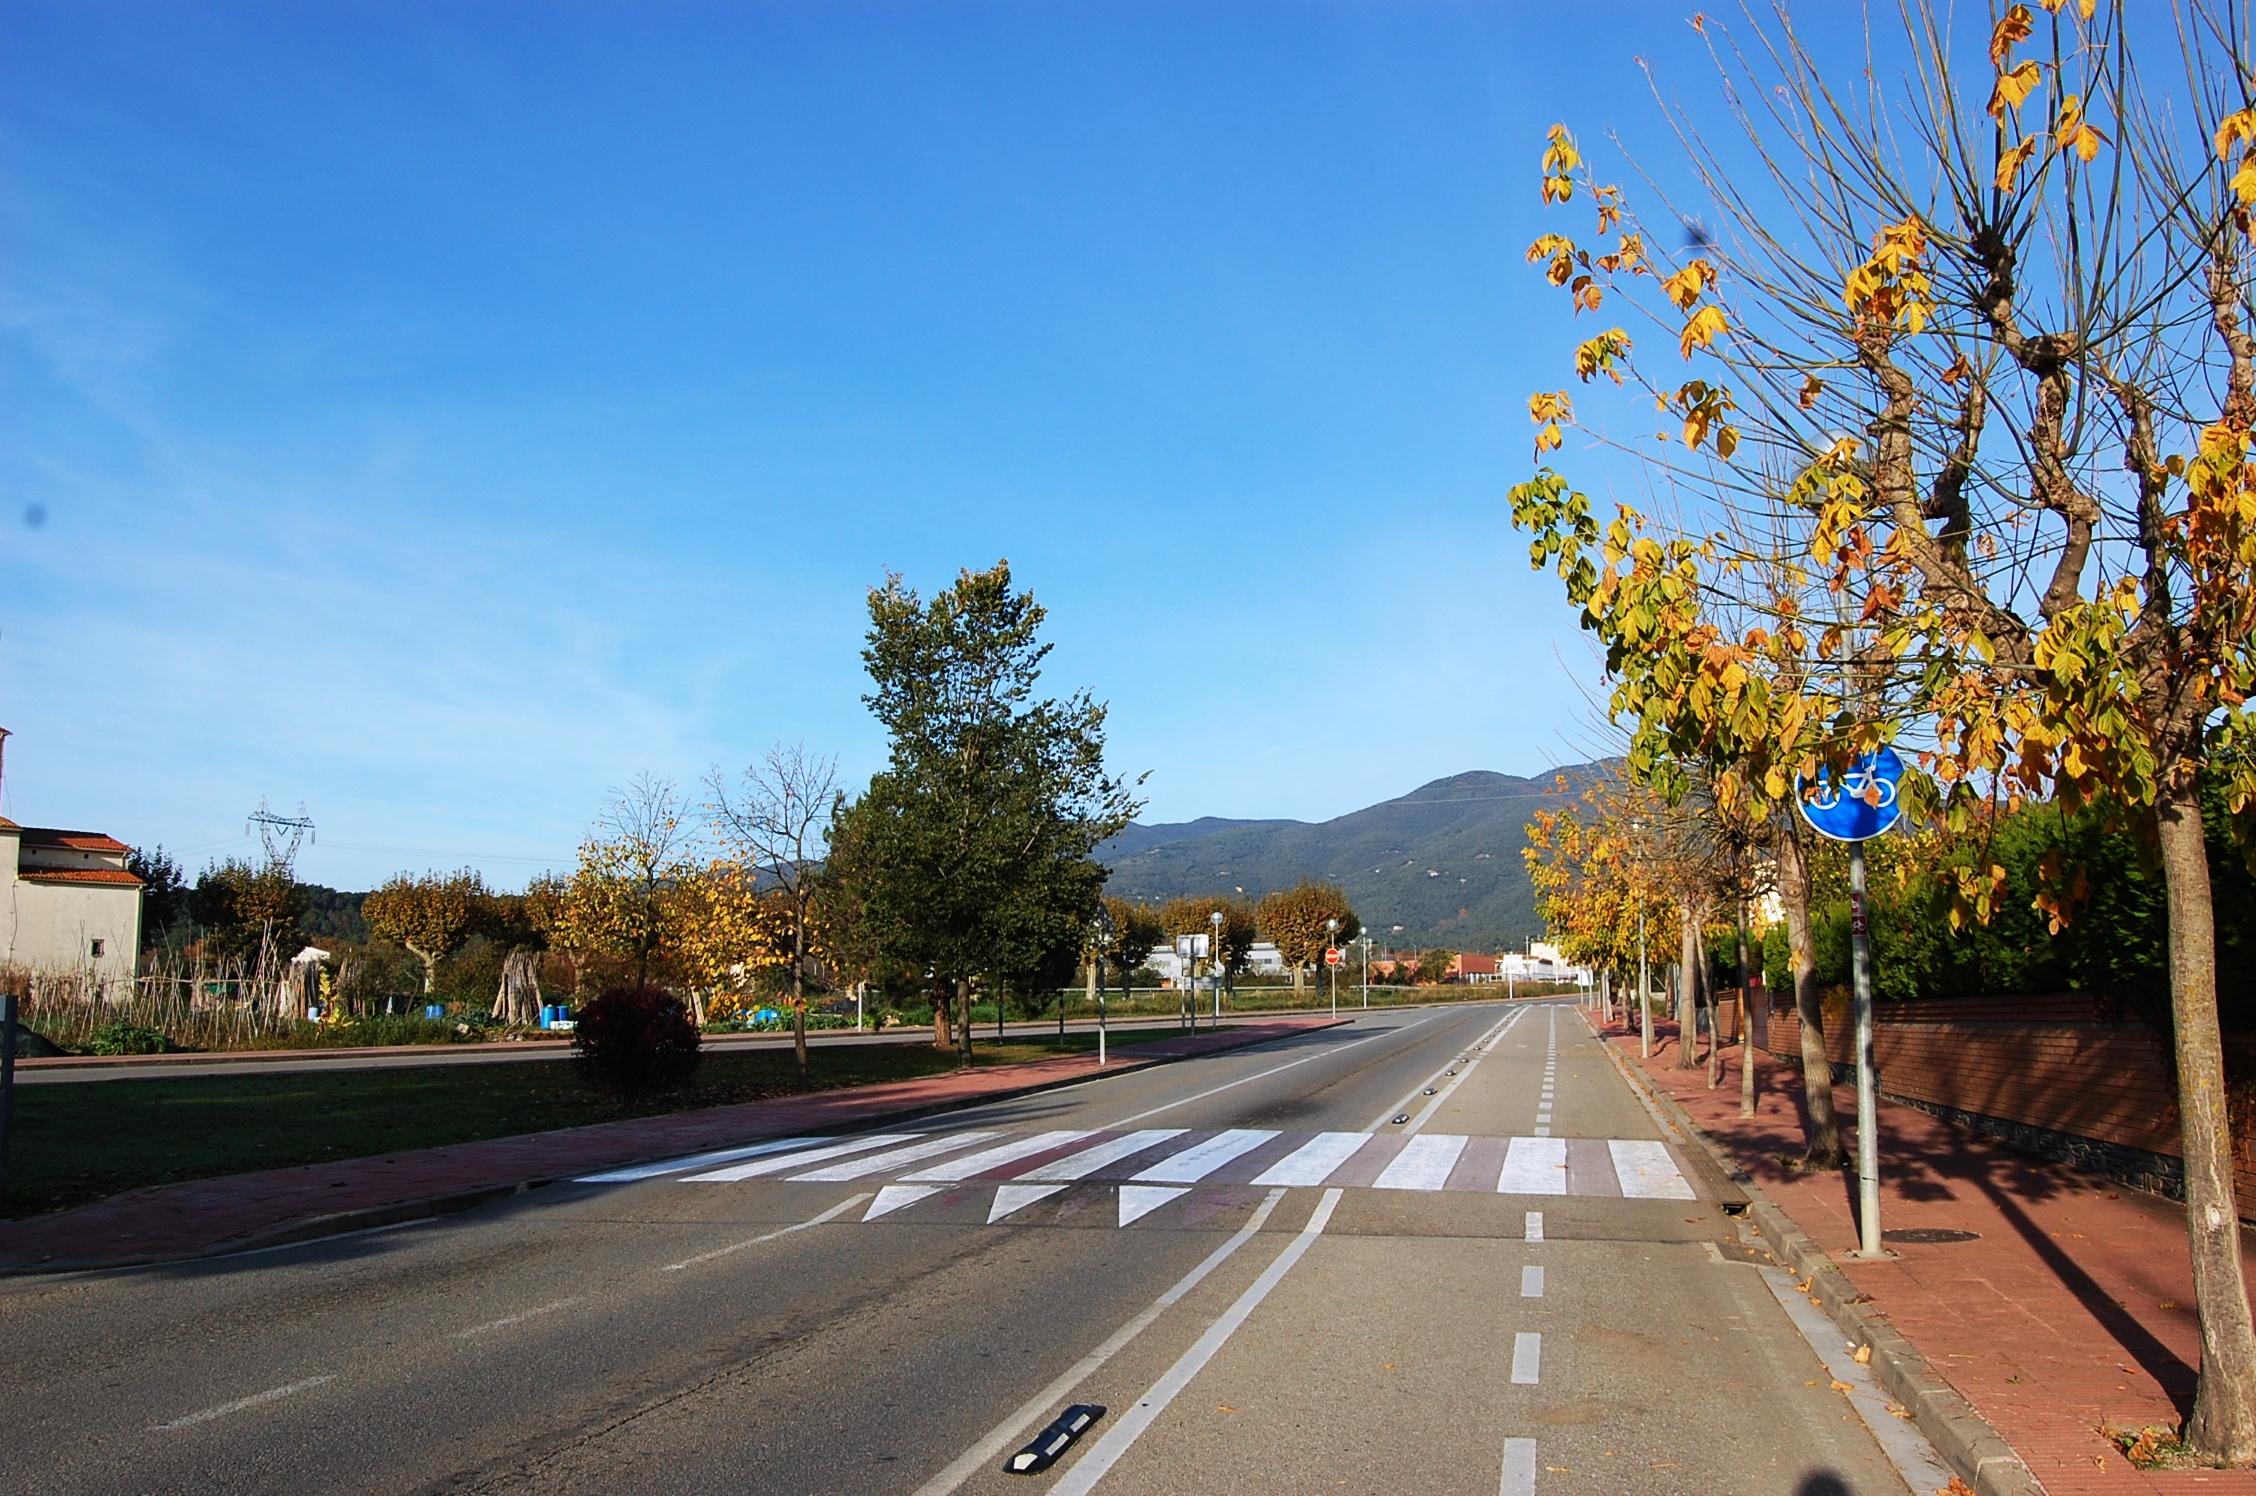 Tram Santa Maria de Palautordera - Sant Esteve de Palautordera